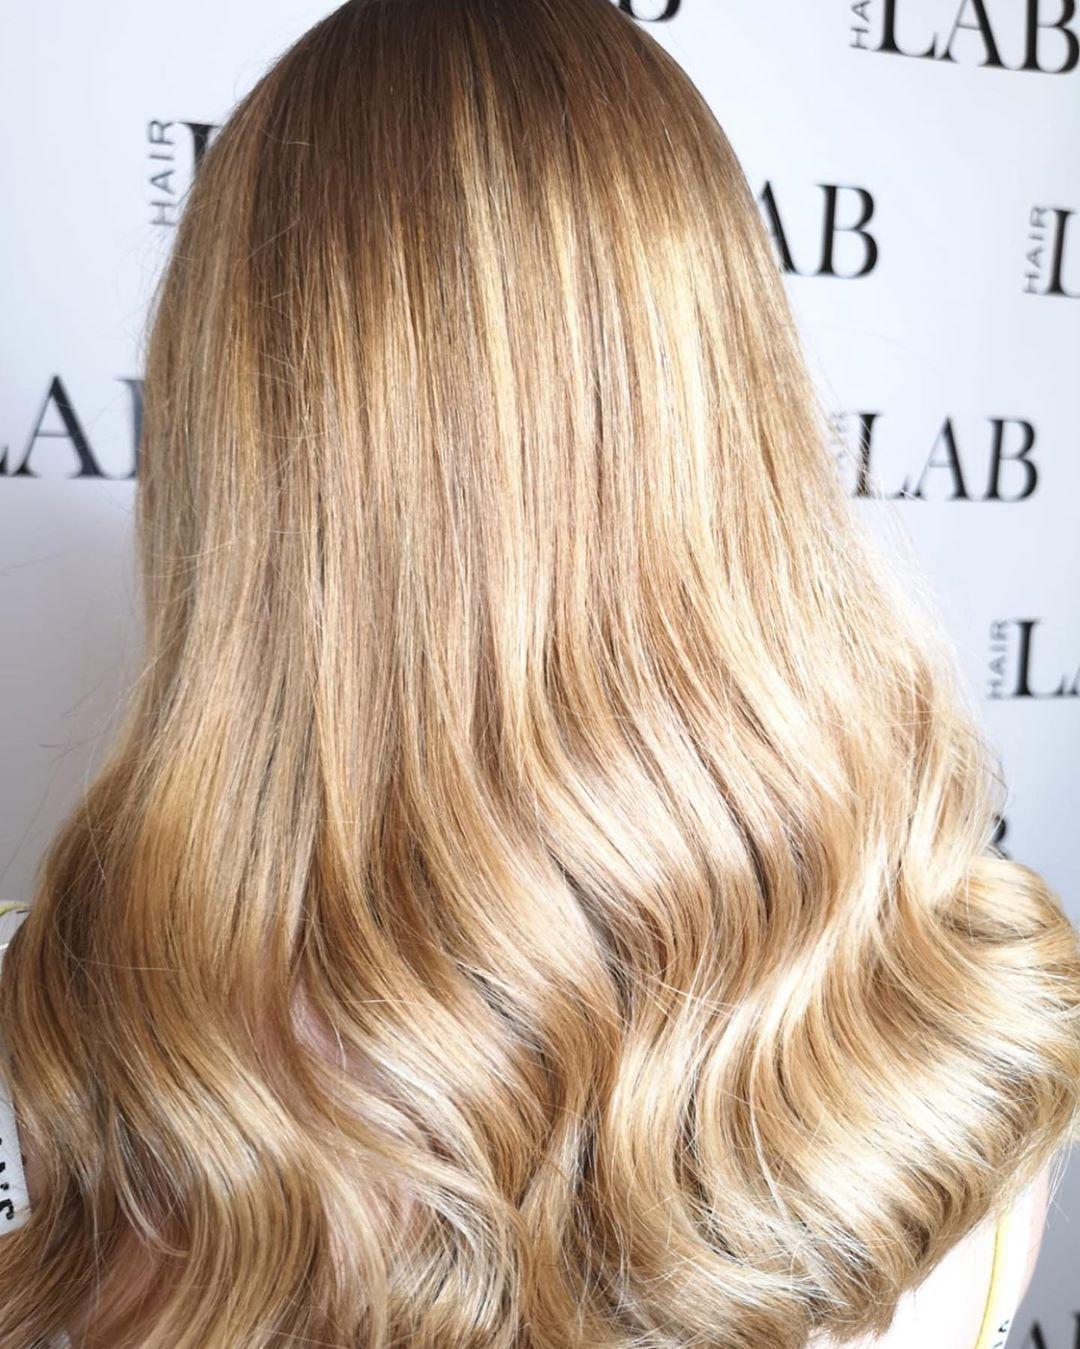 half price hair colour at hair lab hair salon in woking